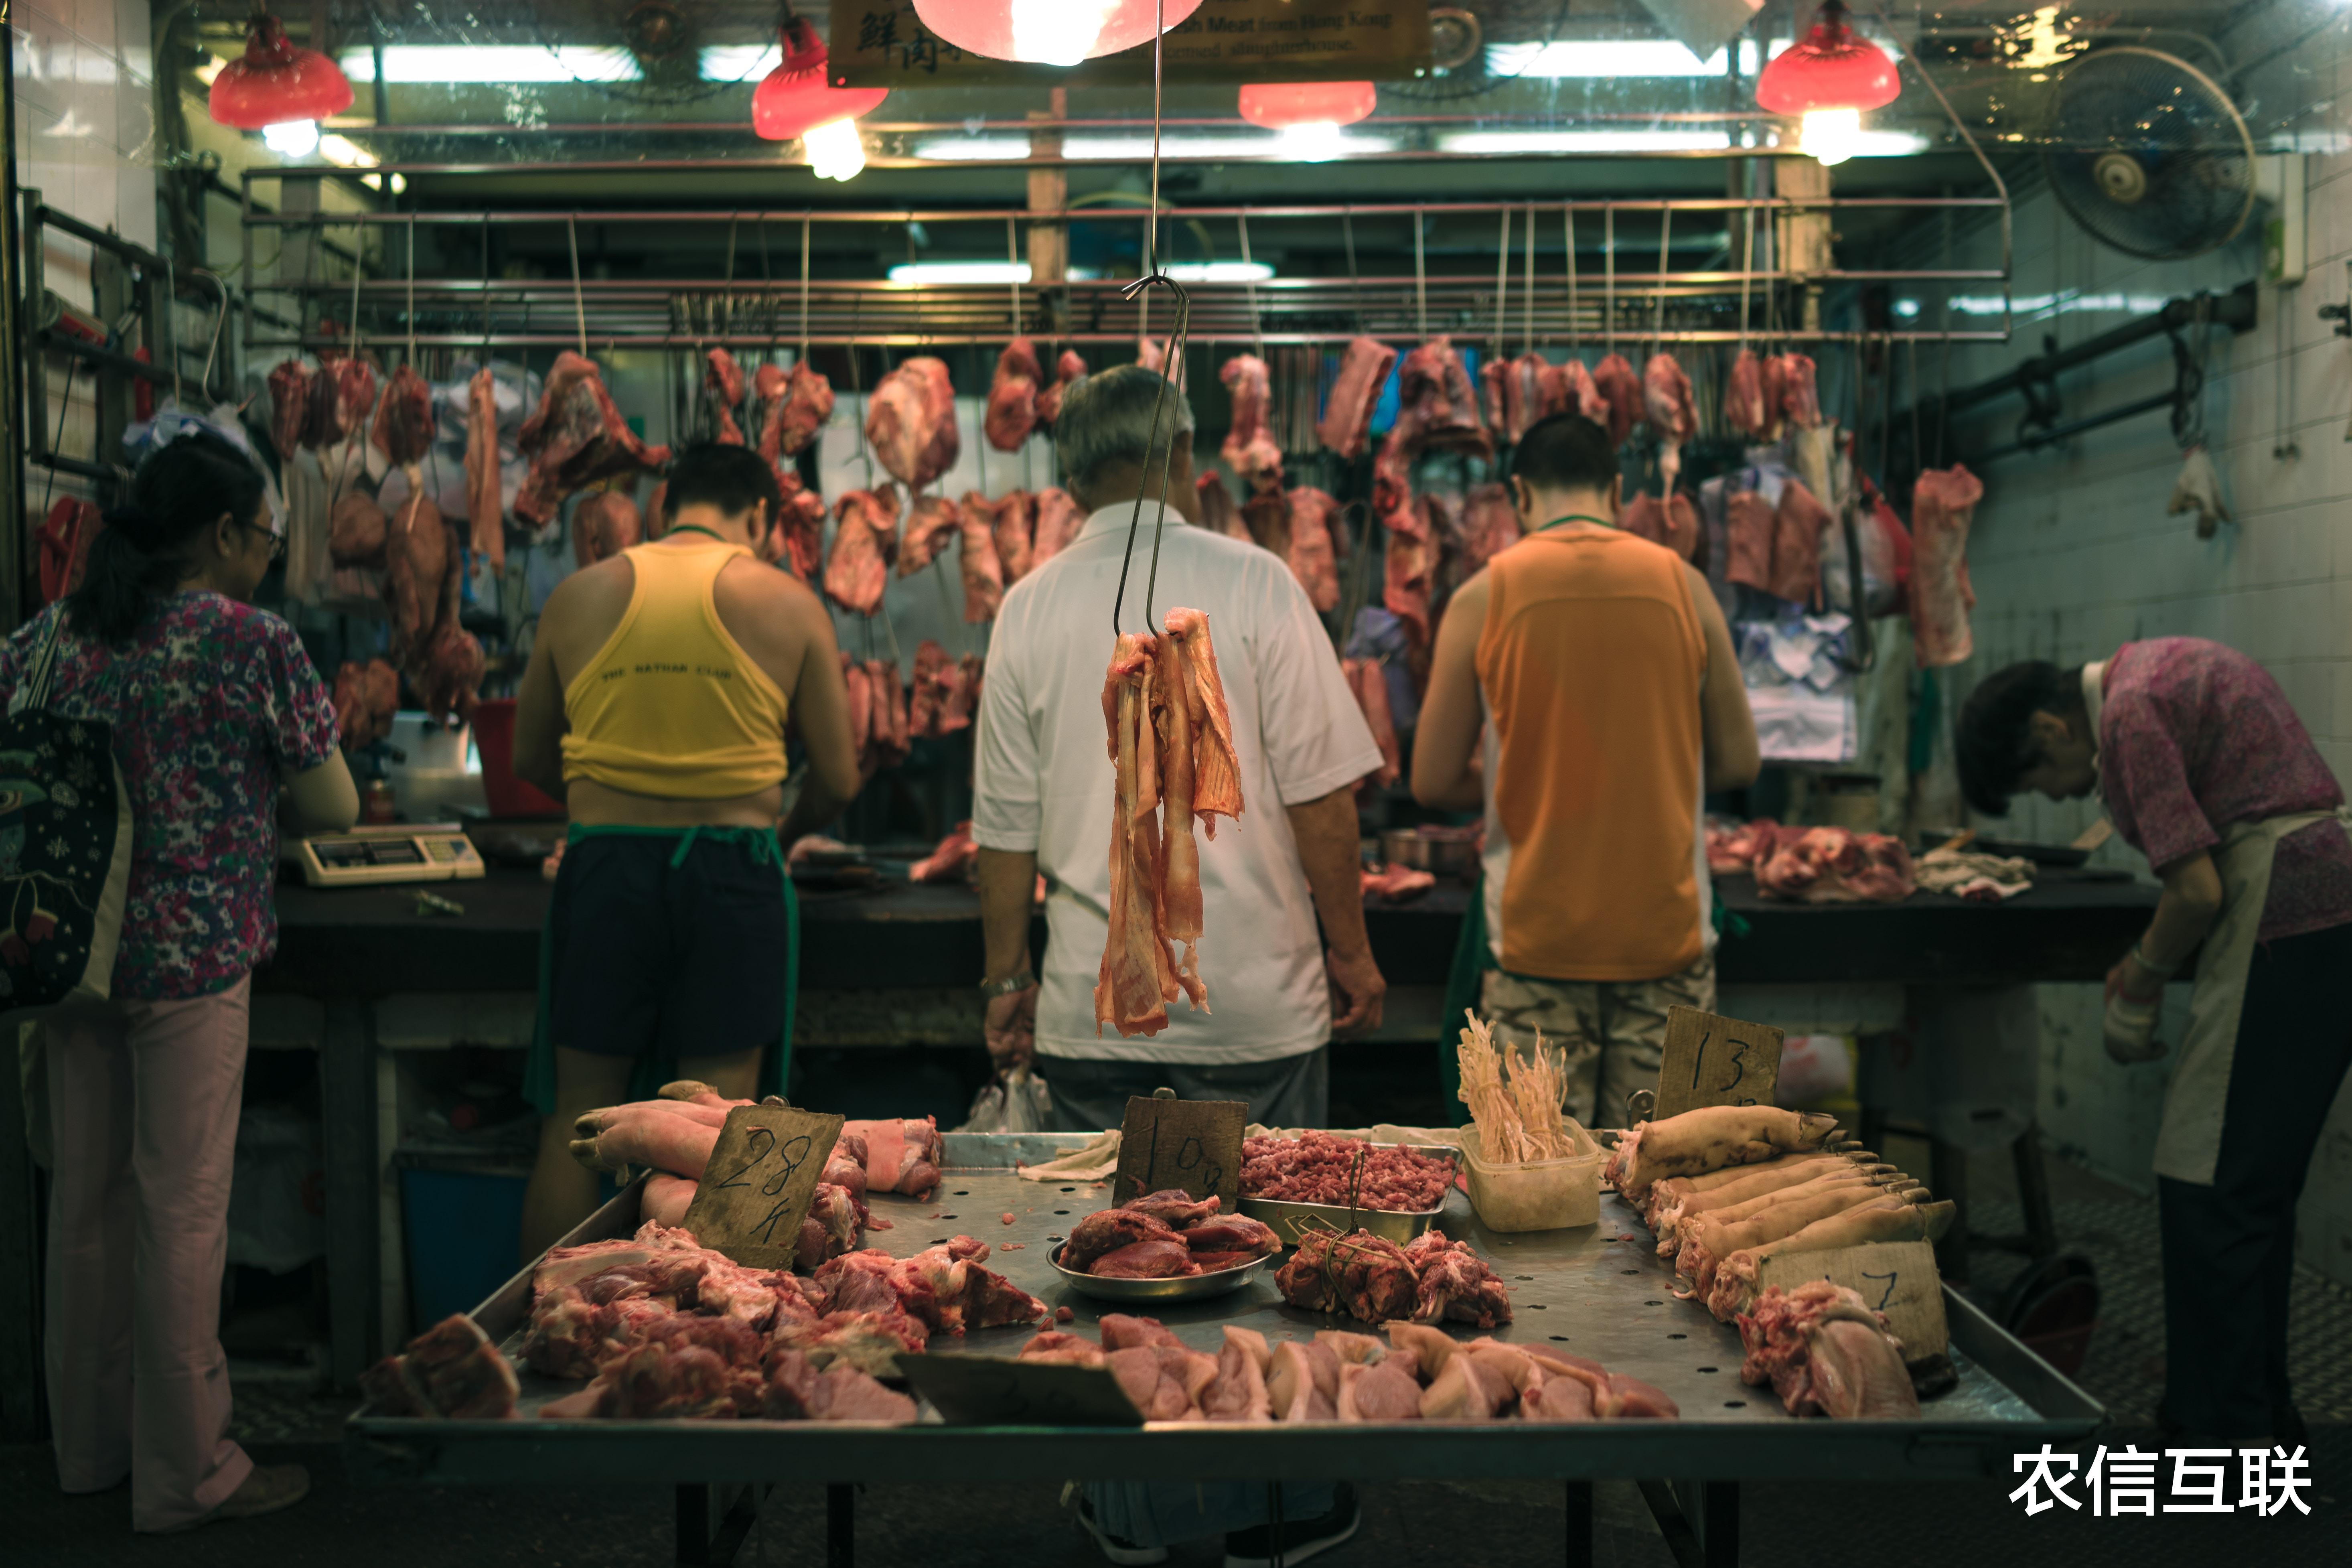 猪价由涨转跌,市场又不缺猪了?下跌元凶已浮现,不止屠企压价